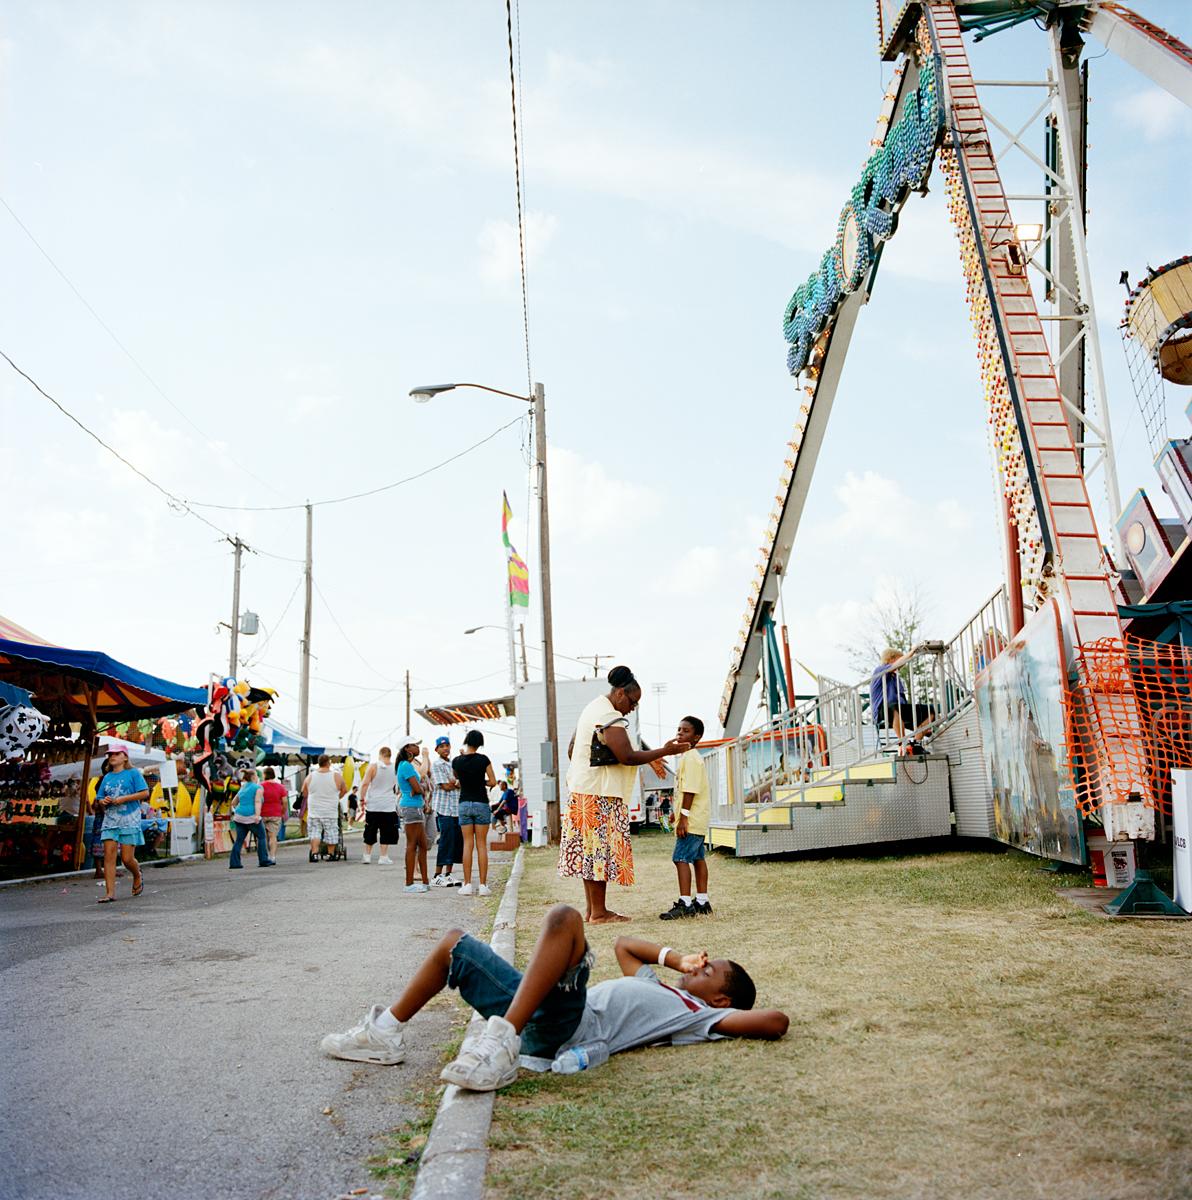 Lucas-County-Fair-Stephanie-Noritz-02.jpg